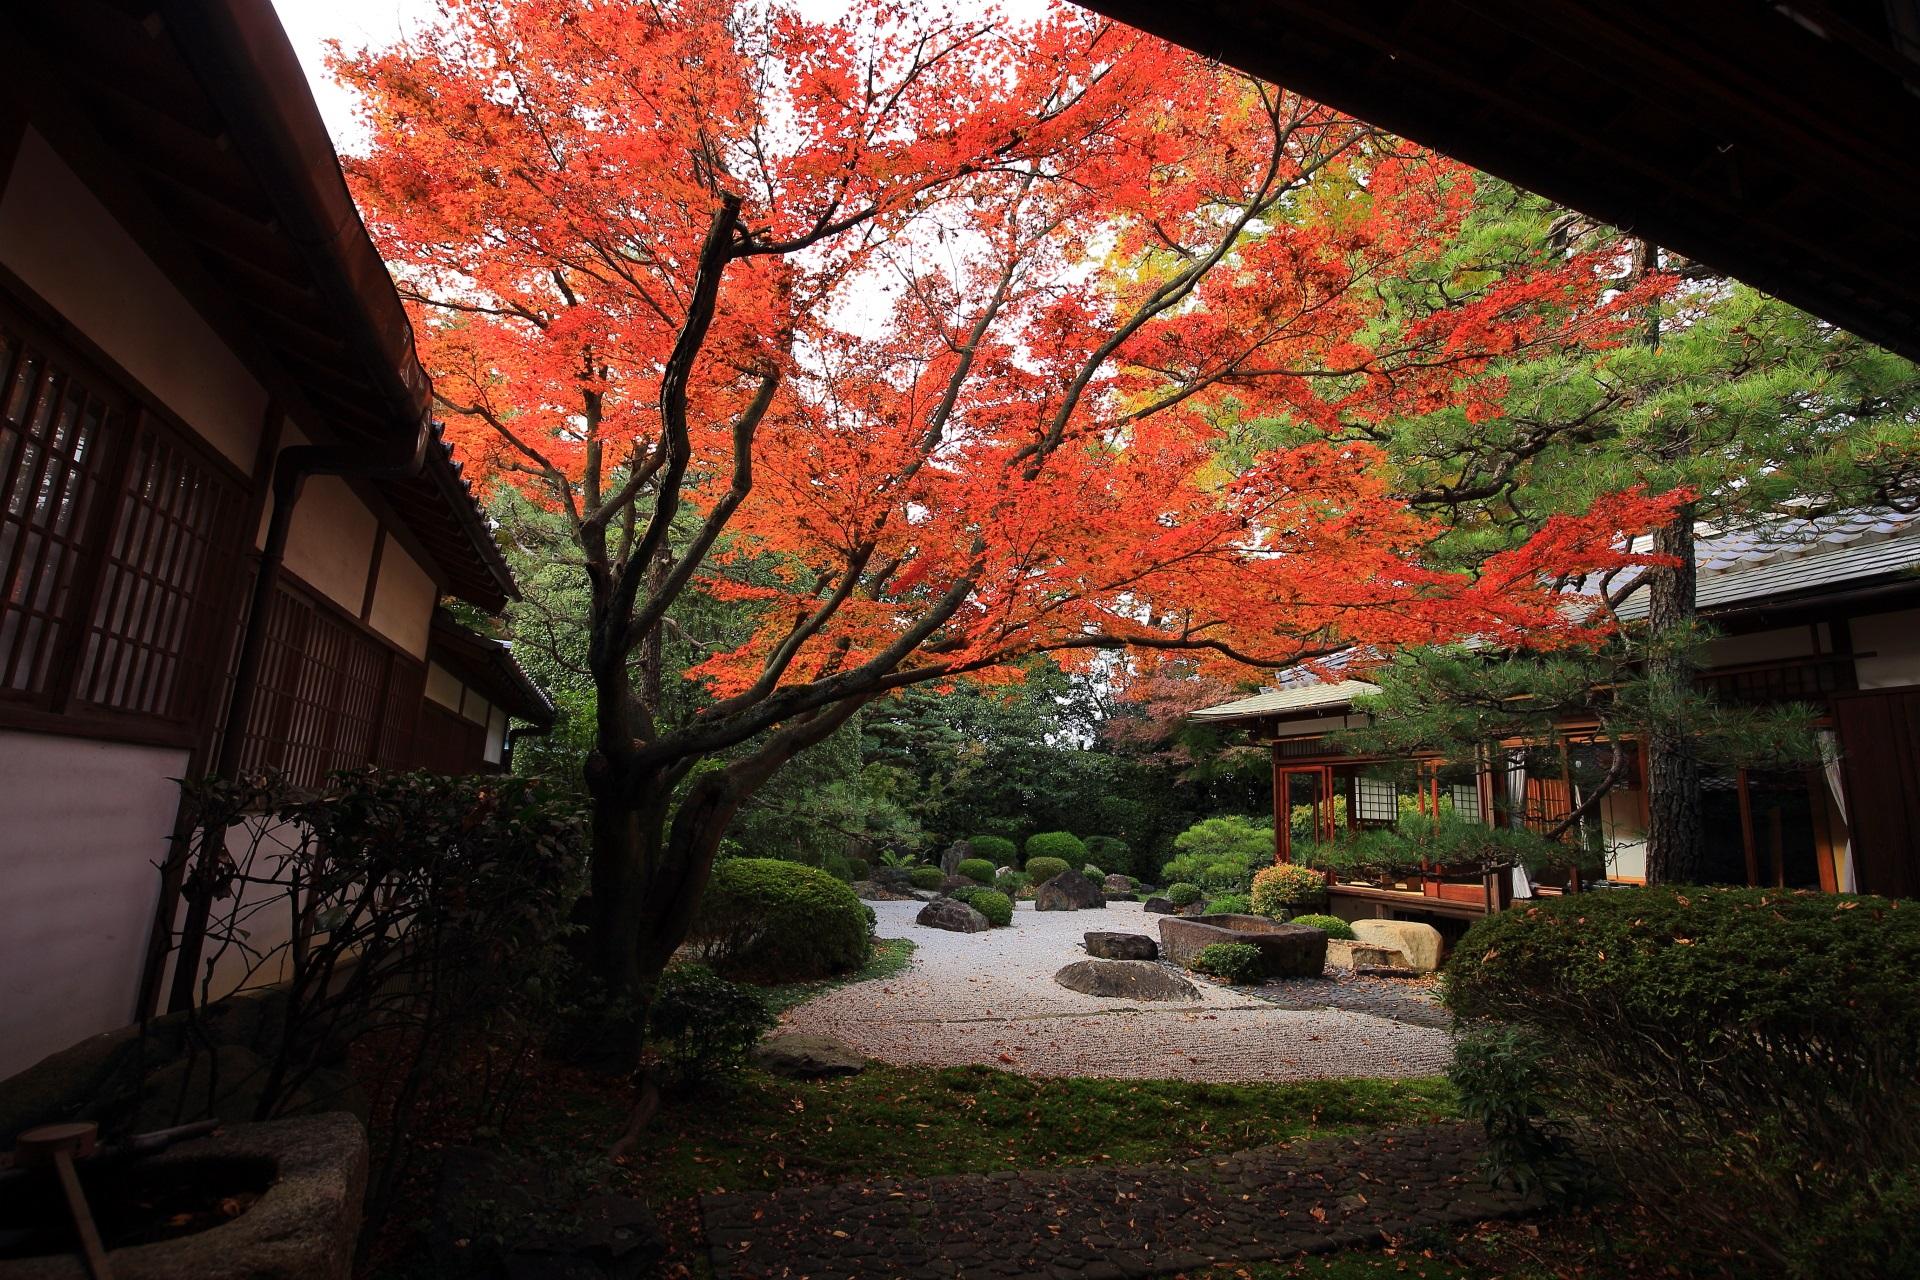 御香宮神社 紅葉 秋の枯山水を彩る伏見のもみじ